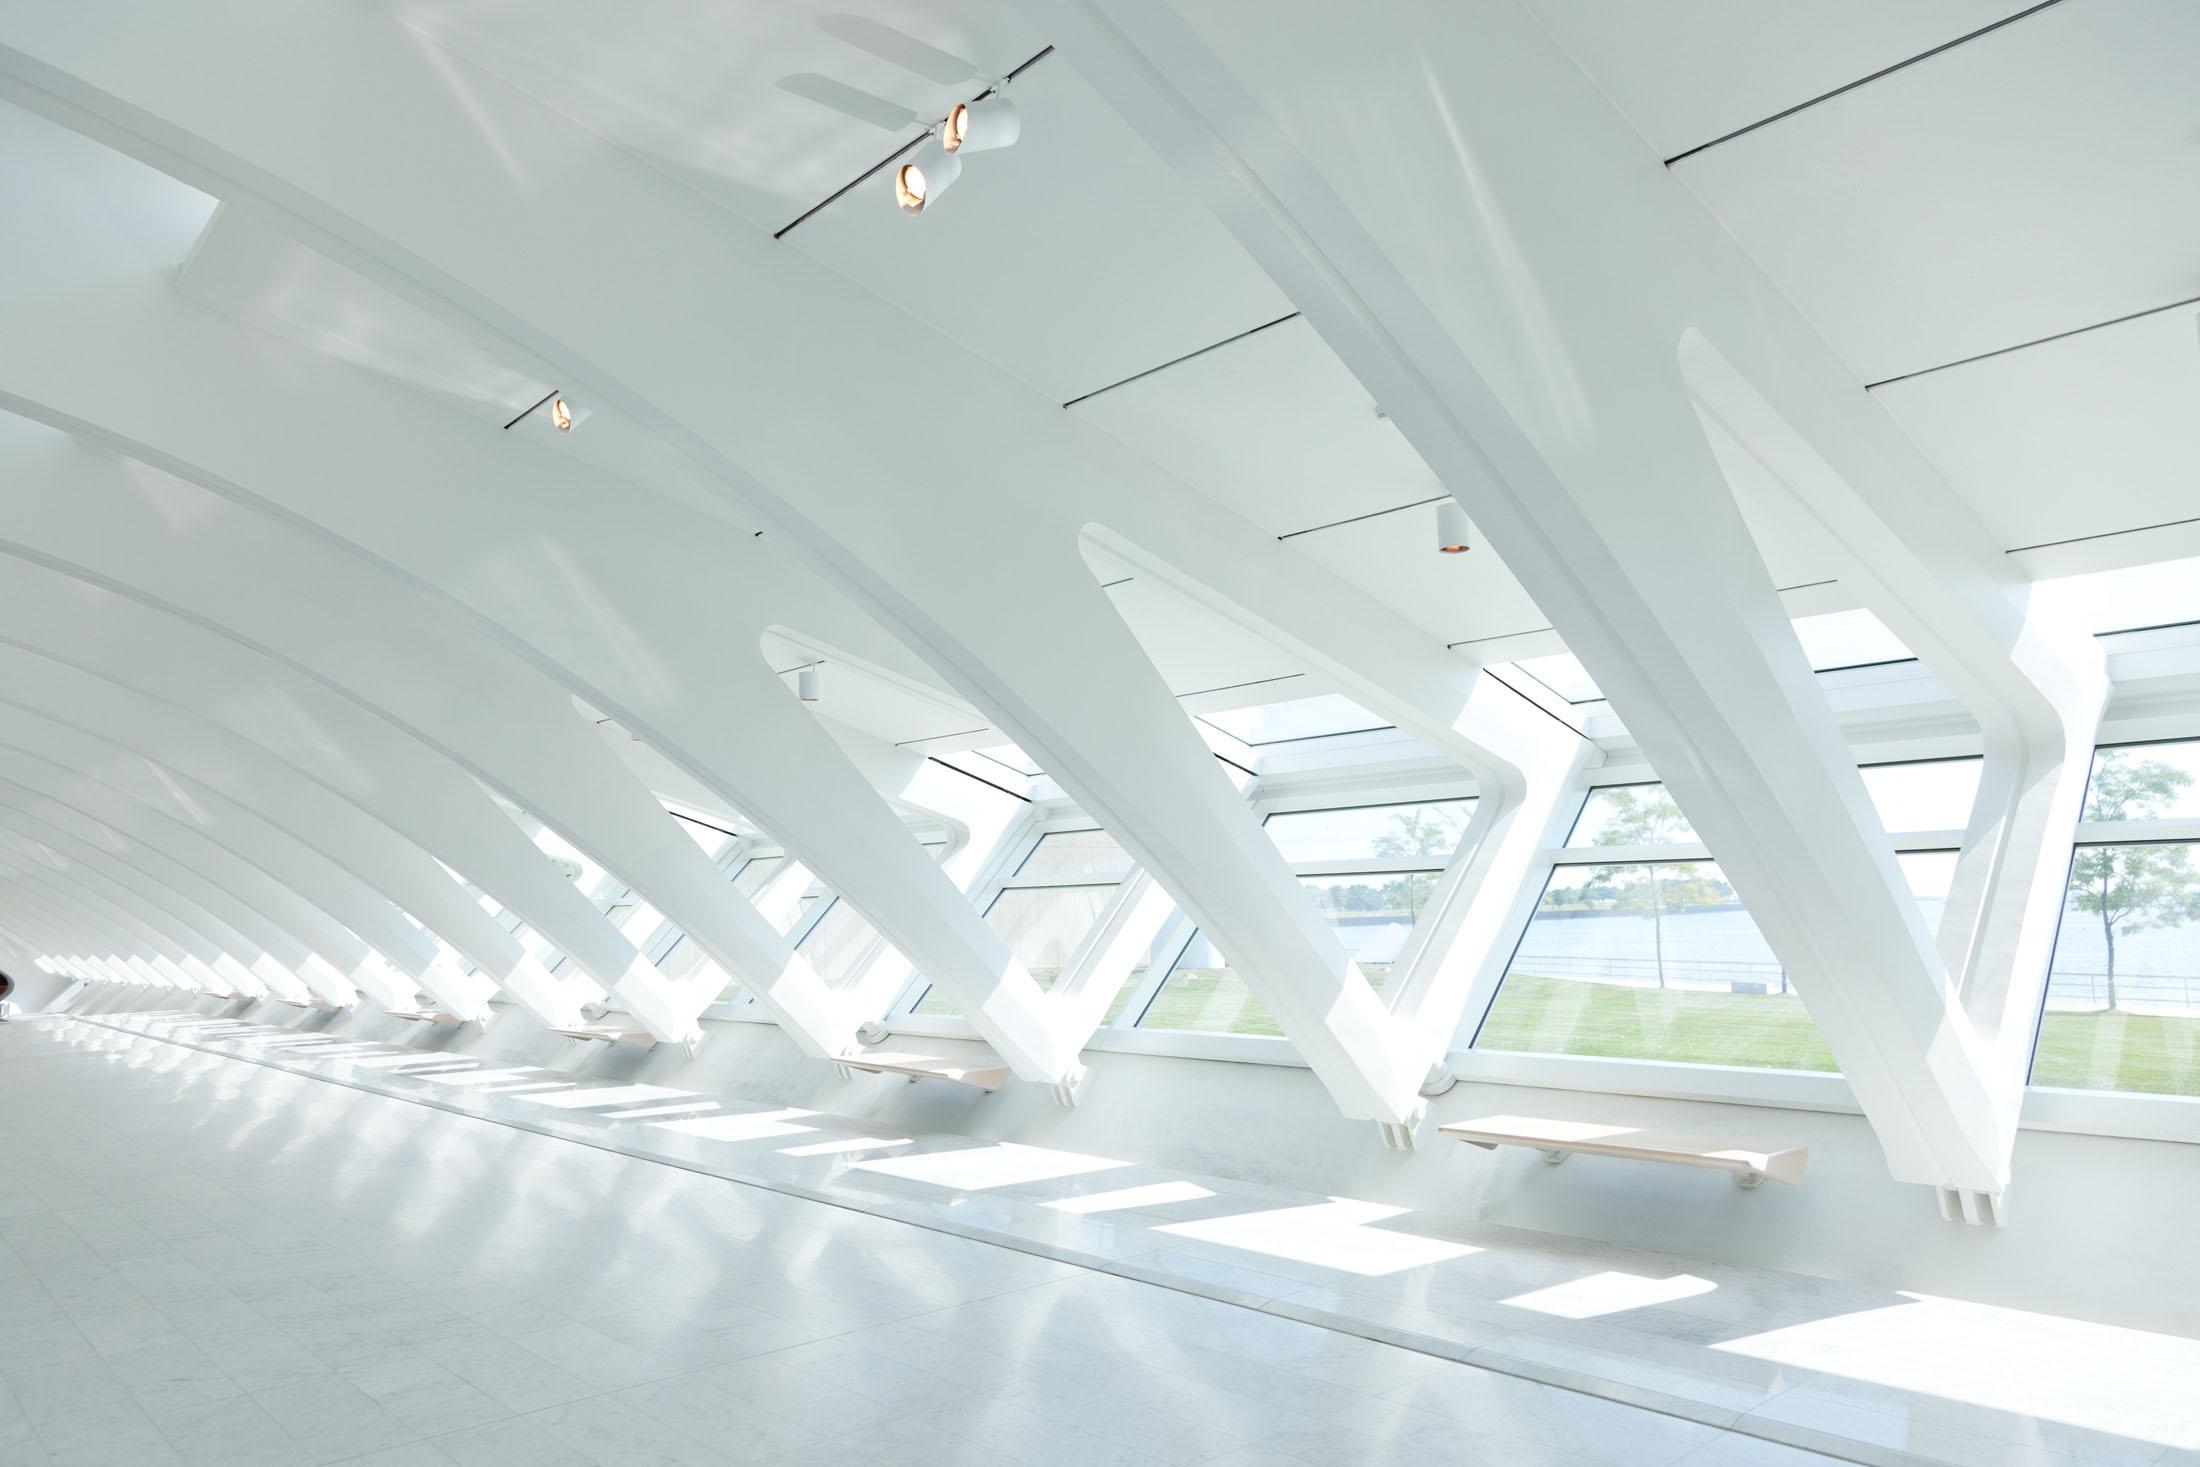 EPP_Architecture_22.jpg